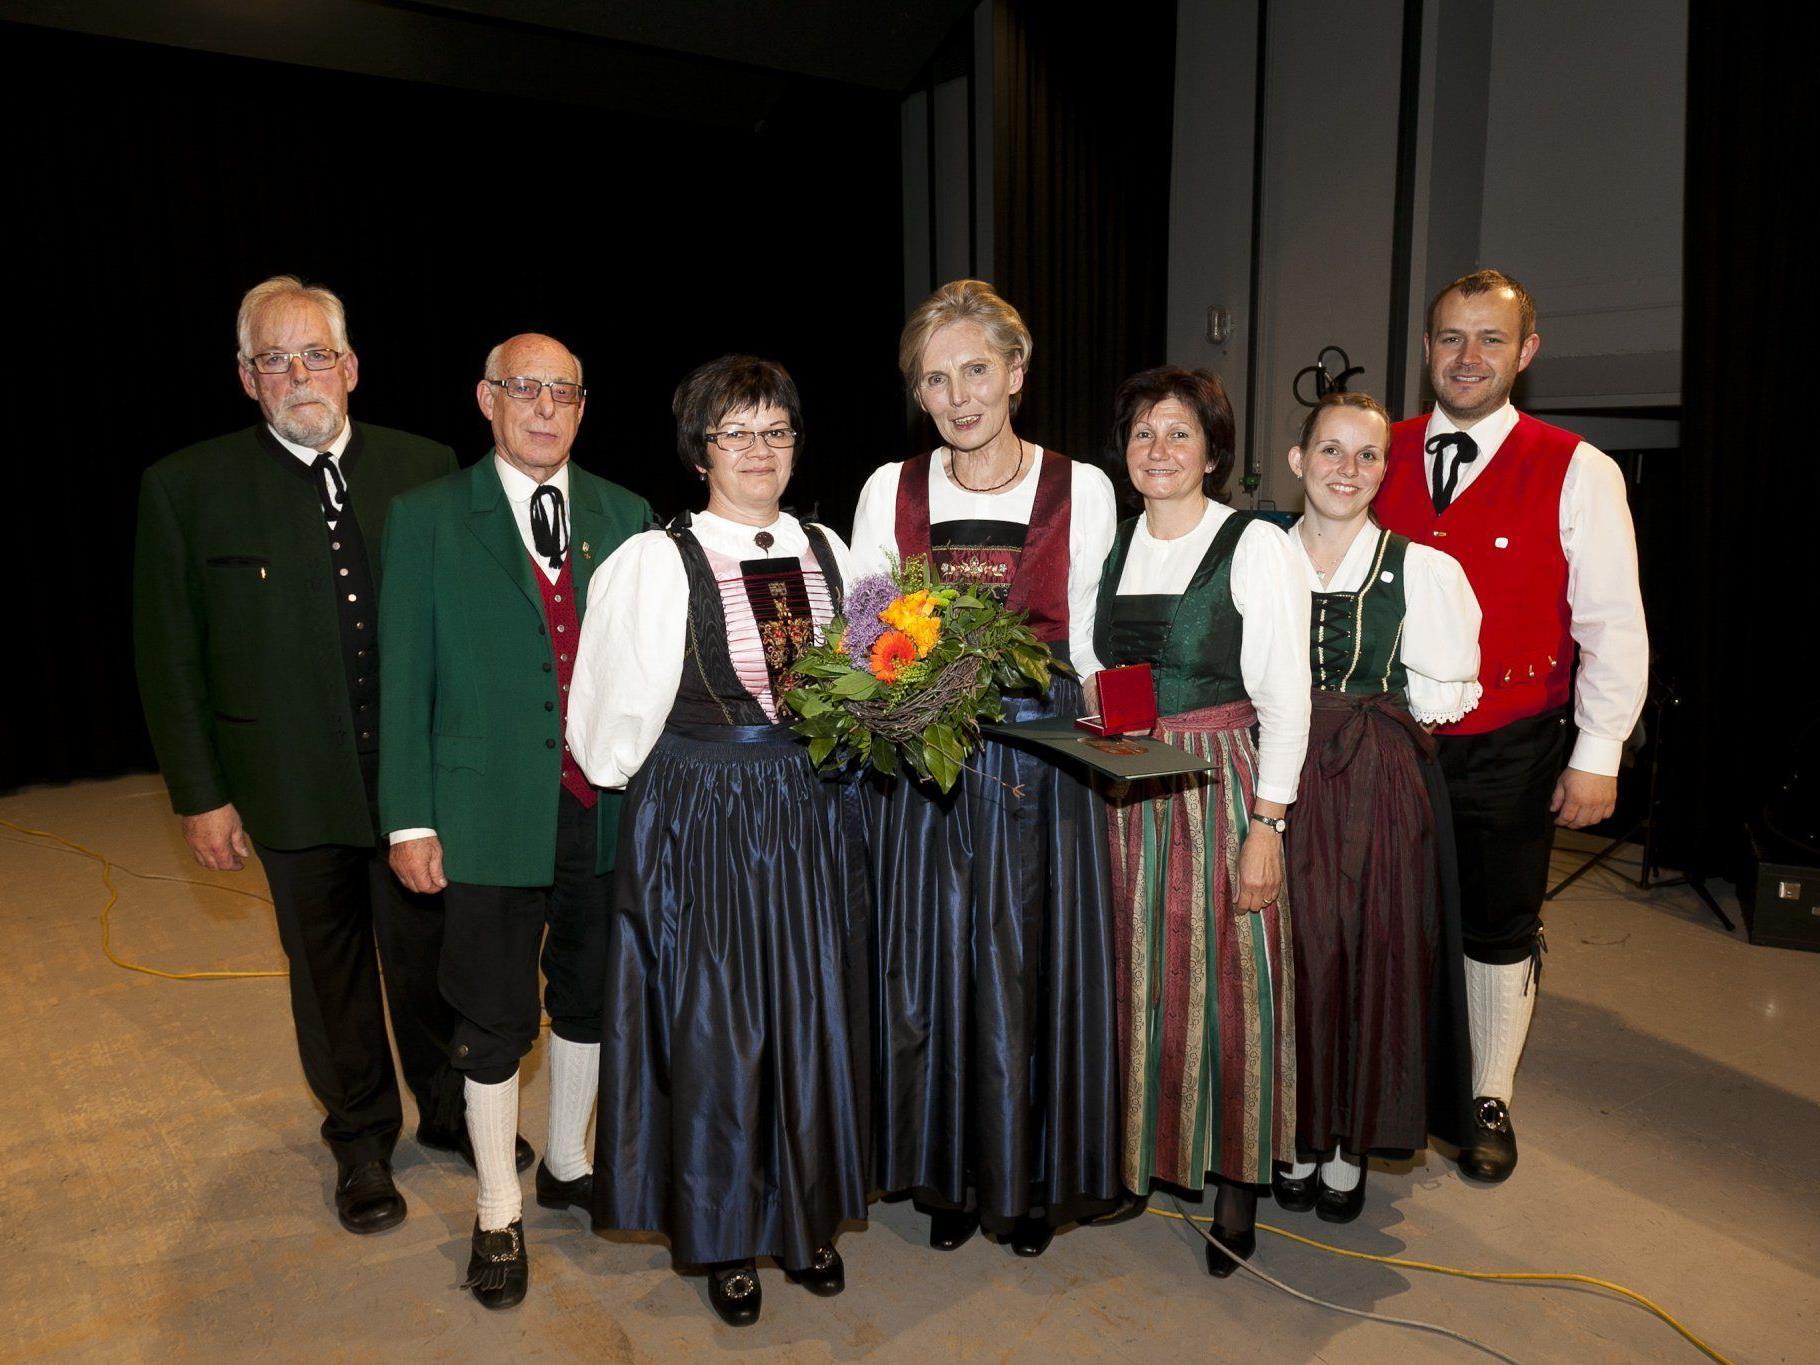 Landestrachtenreferentin Martina Mätzler erhielt die Goldene Ehrenmedaille, der Vorstand gratulierte.